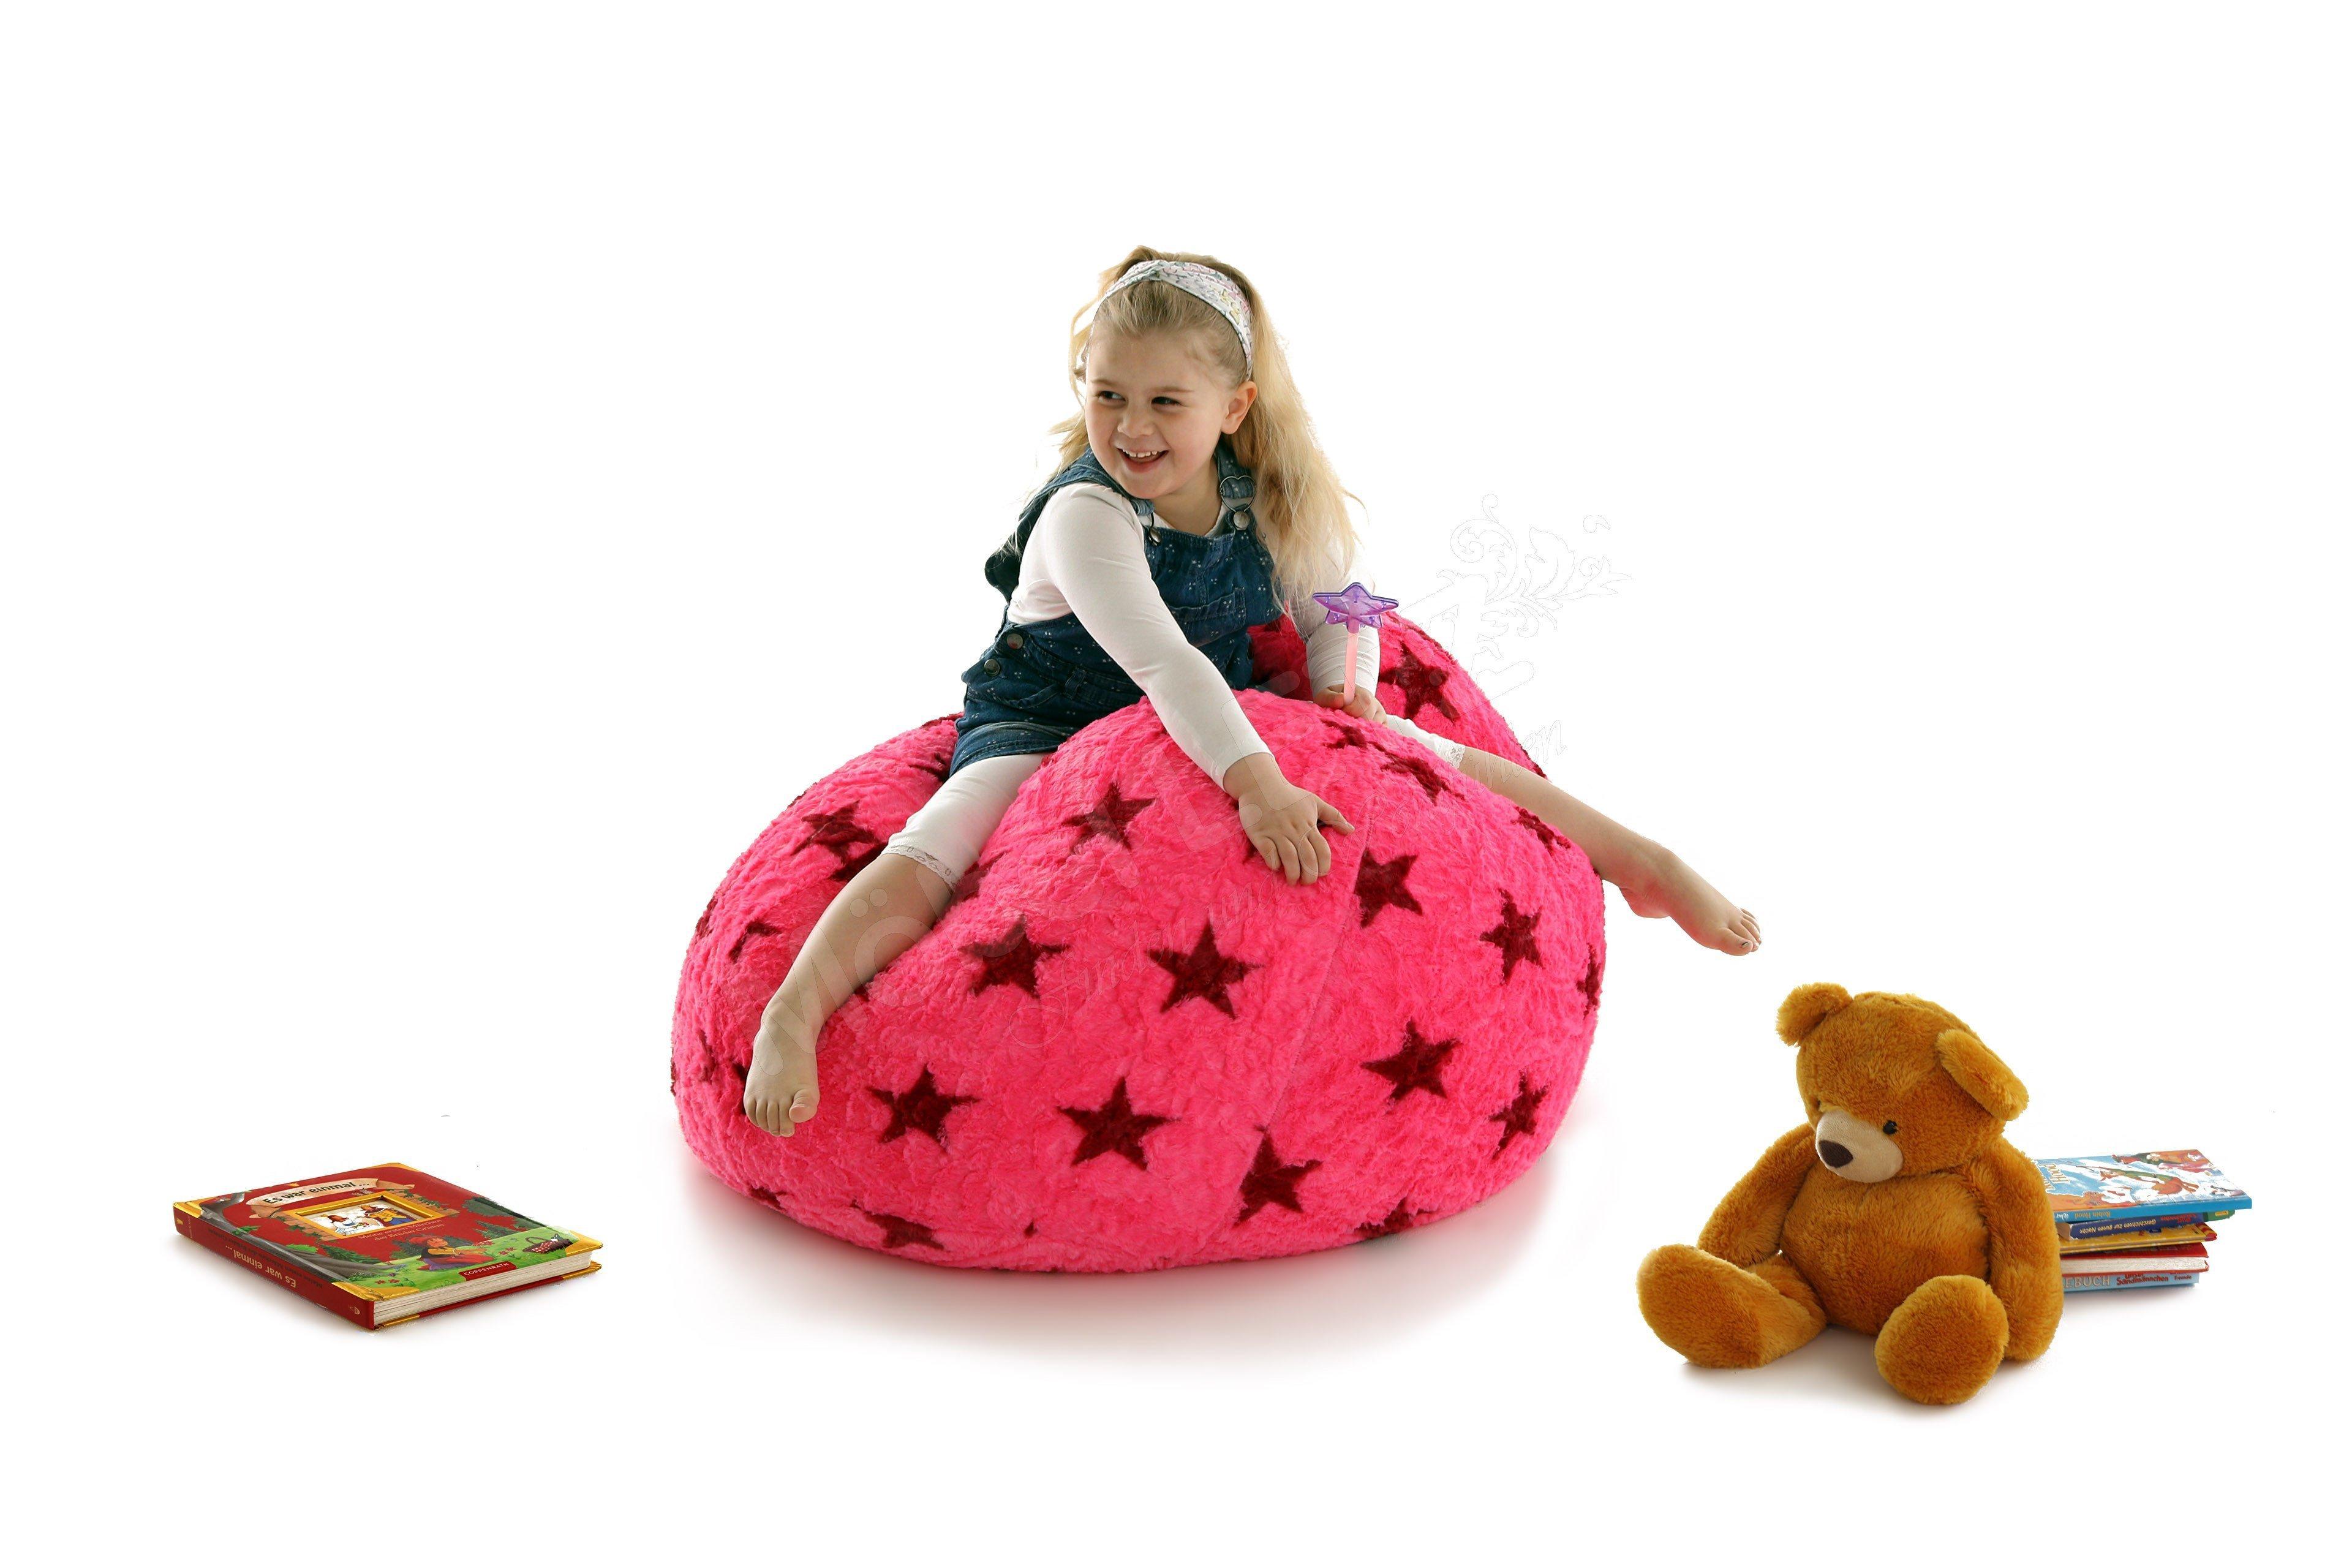 Sitzsack Beanbag Fluffy Stars Xl Von Magma Heimtex Pink Mit Sternen